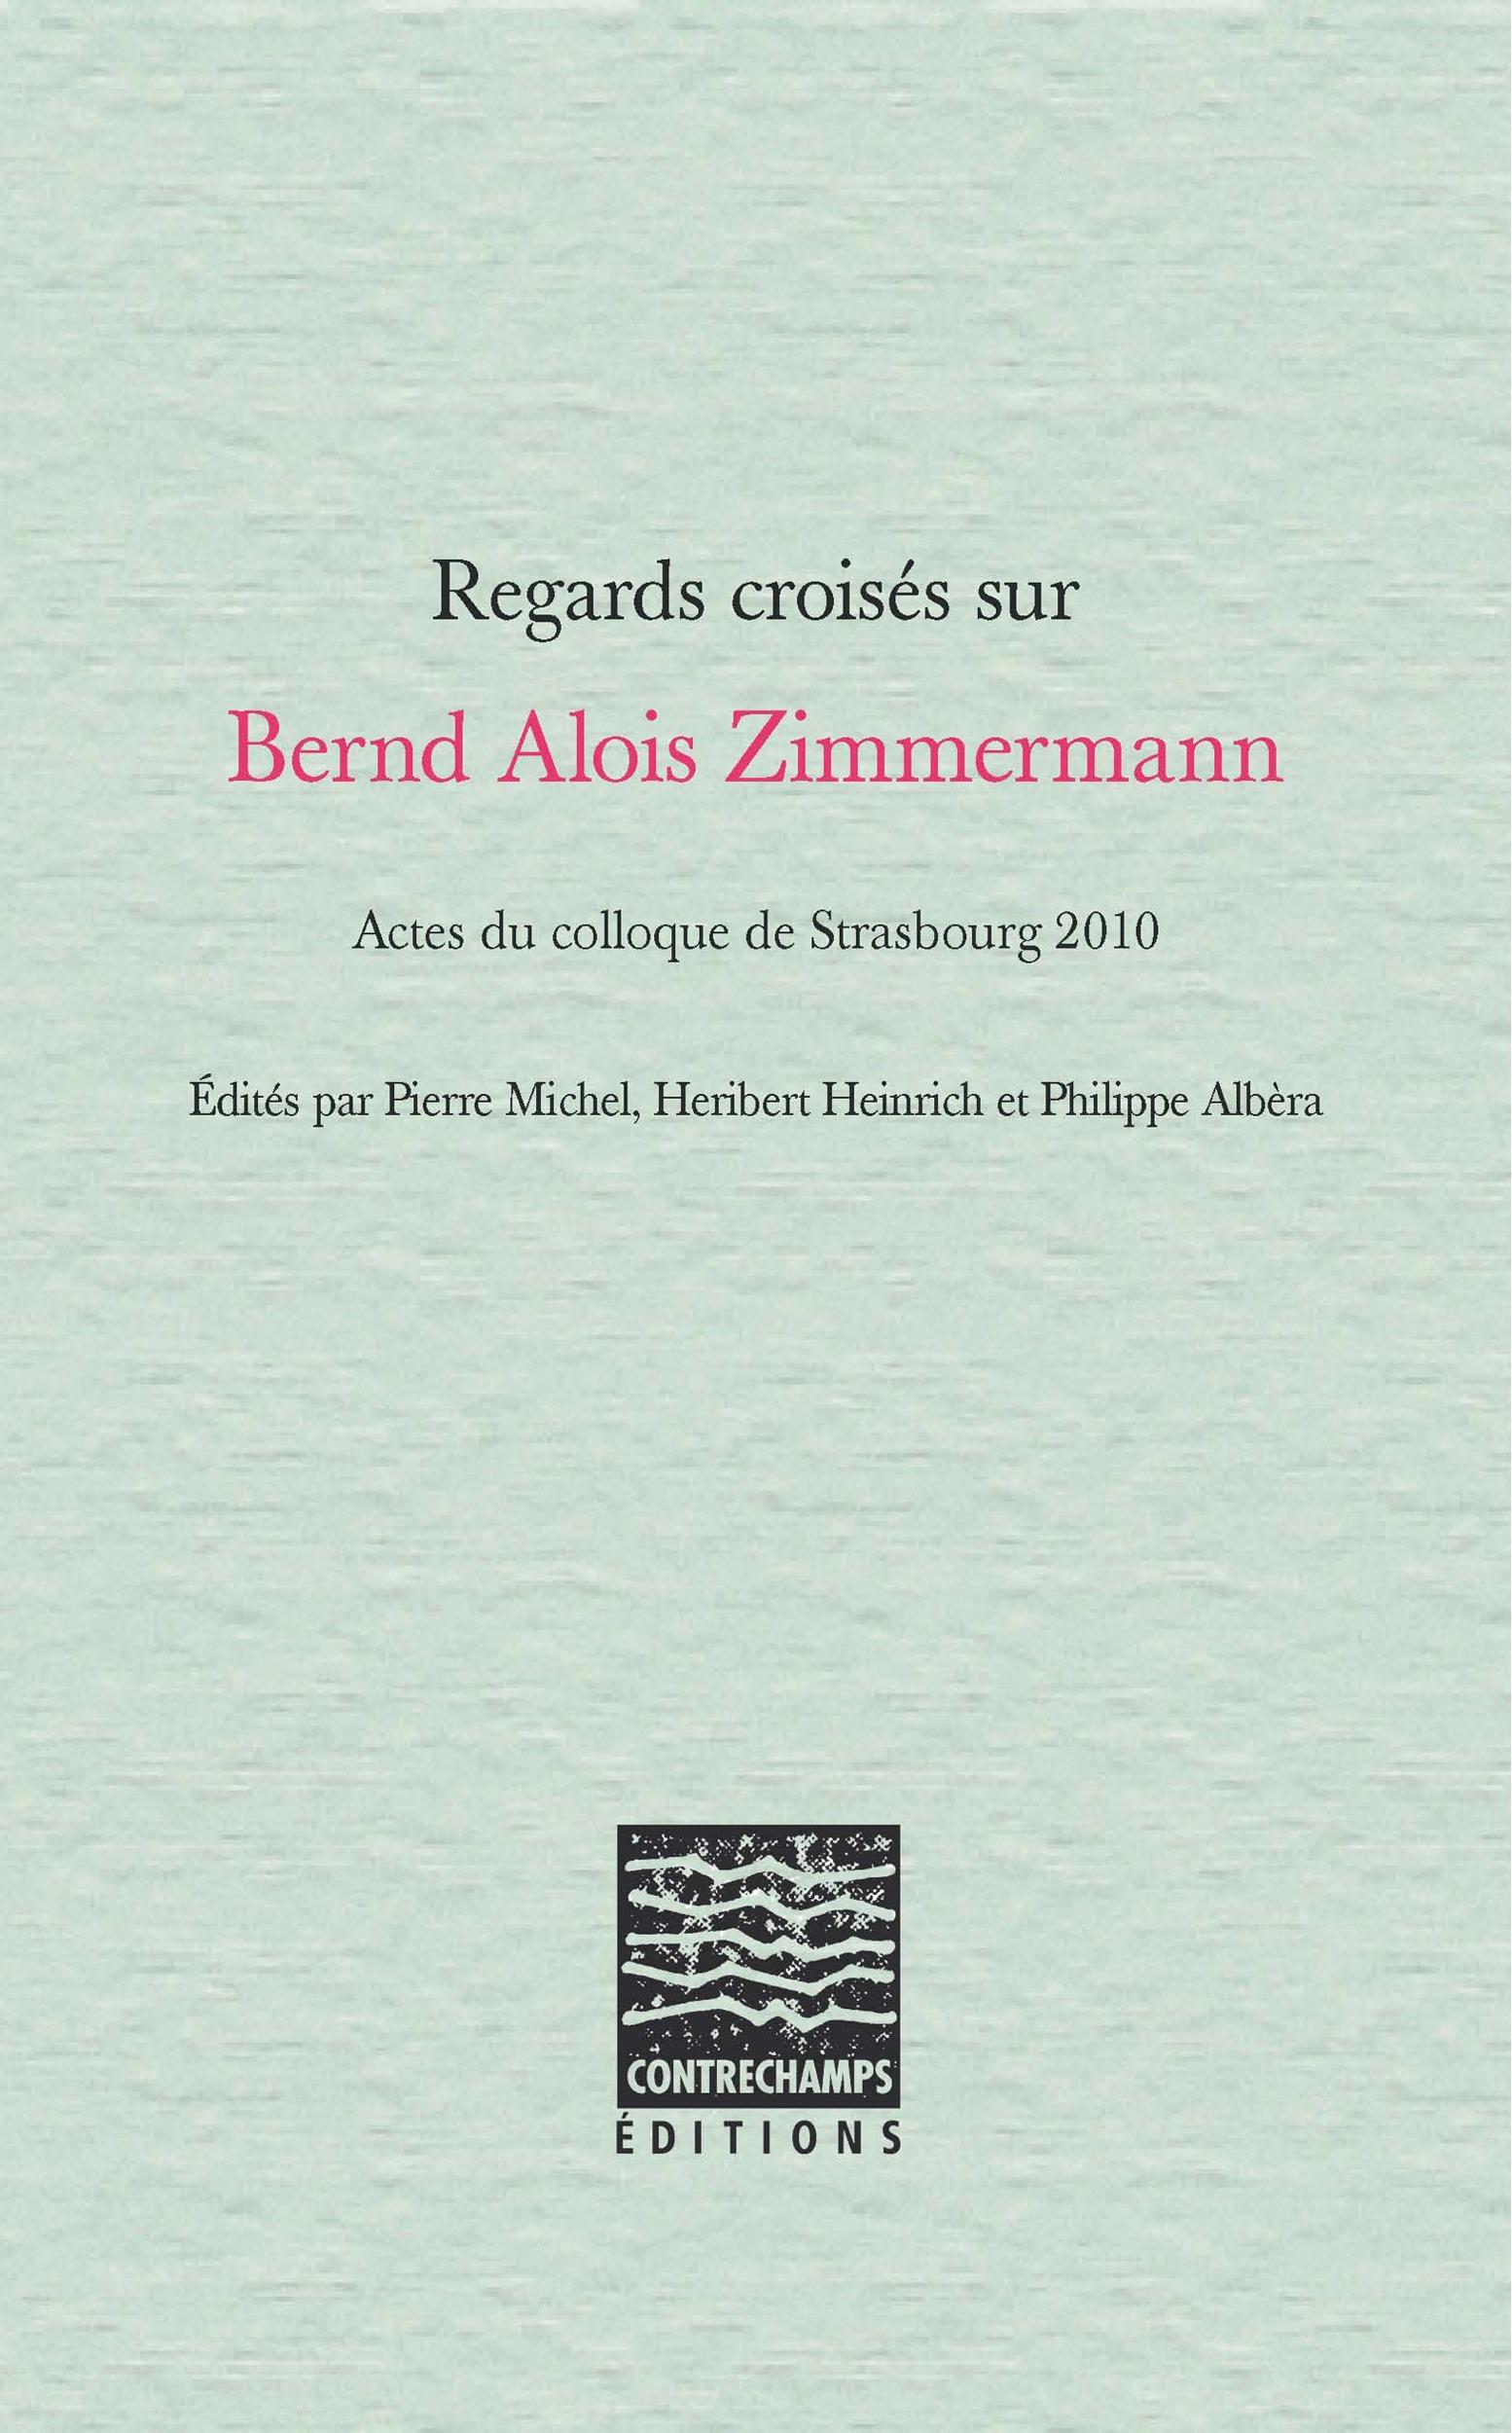 Regards croises sur bernd alois zimmermann - actes du colloque de strasbourg 2010